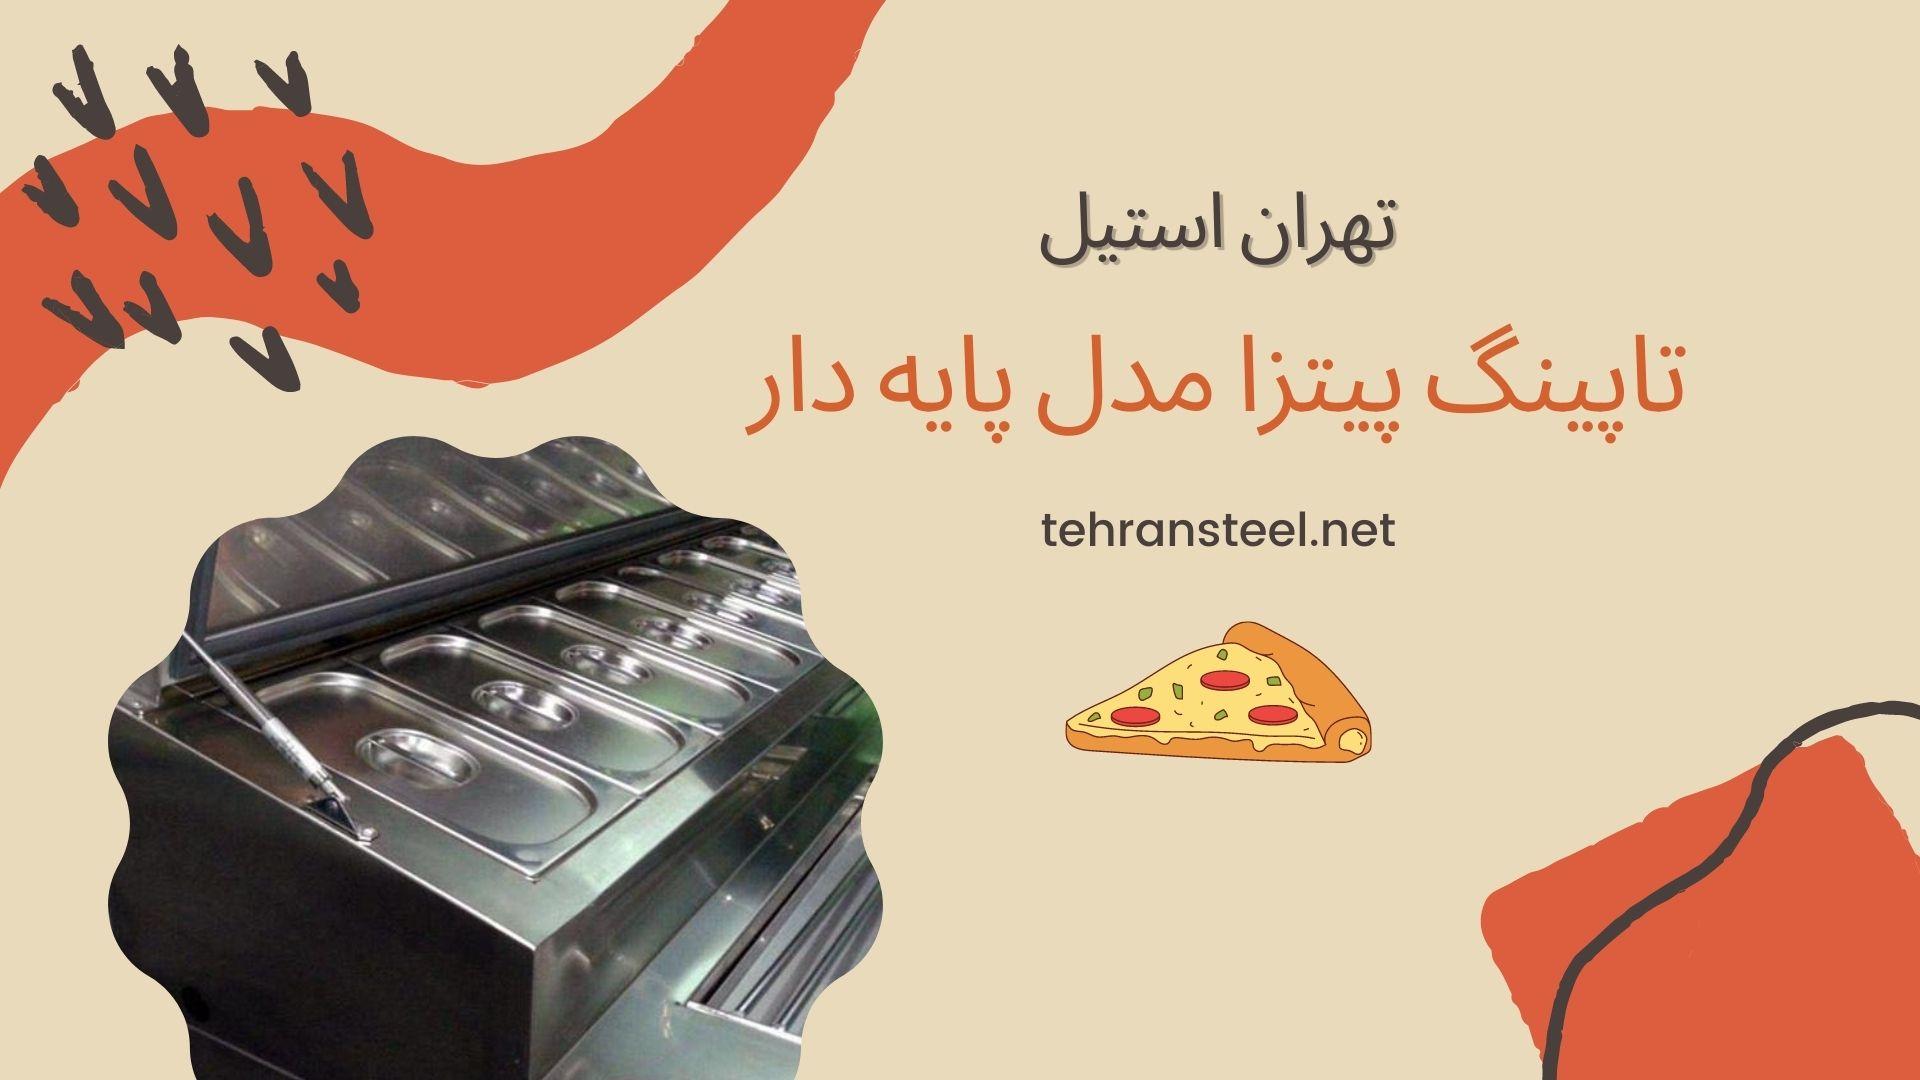 تاپینگ پیتزا مدل پایه دار: